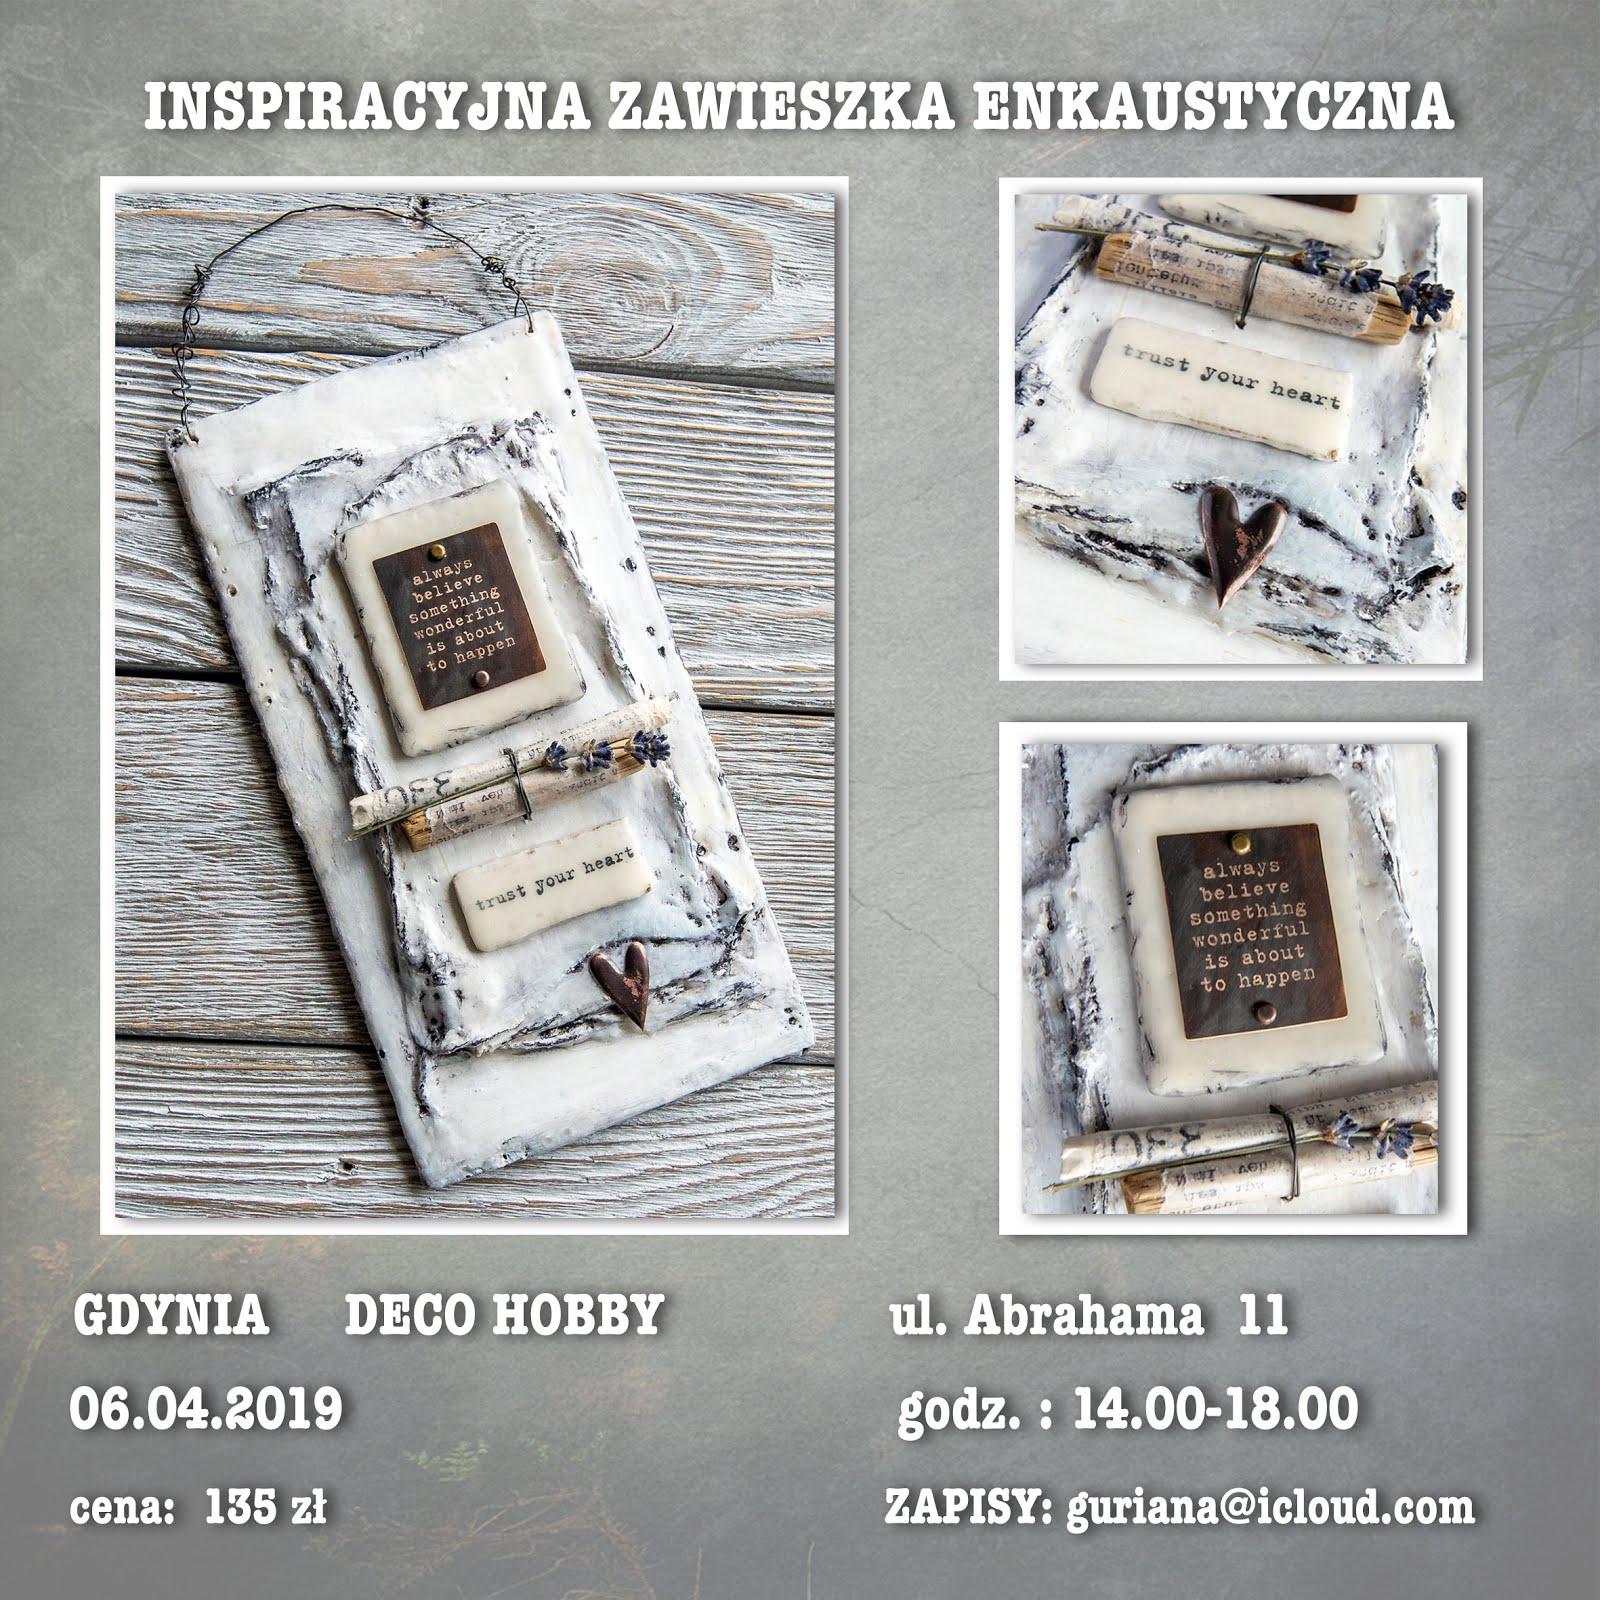 Gdynia Zawieszka enkaustyczna